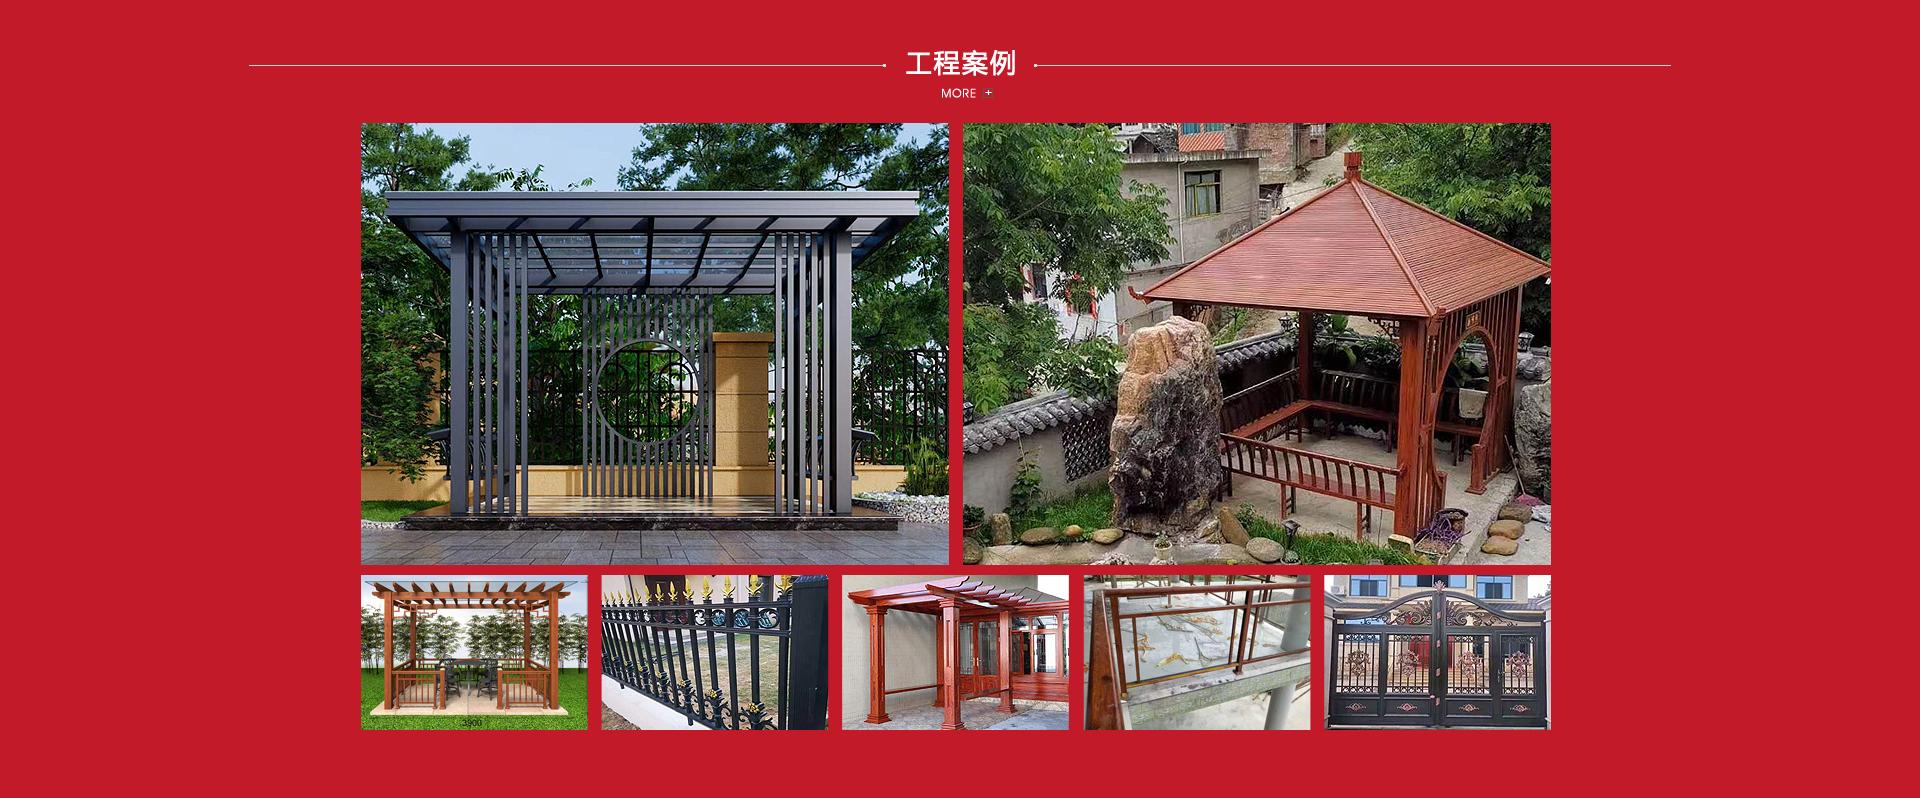 临朐县百川金属制品有限公司